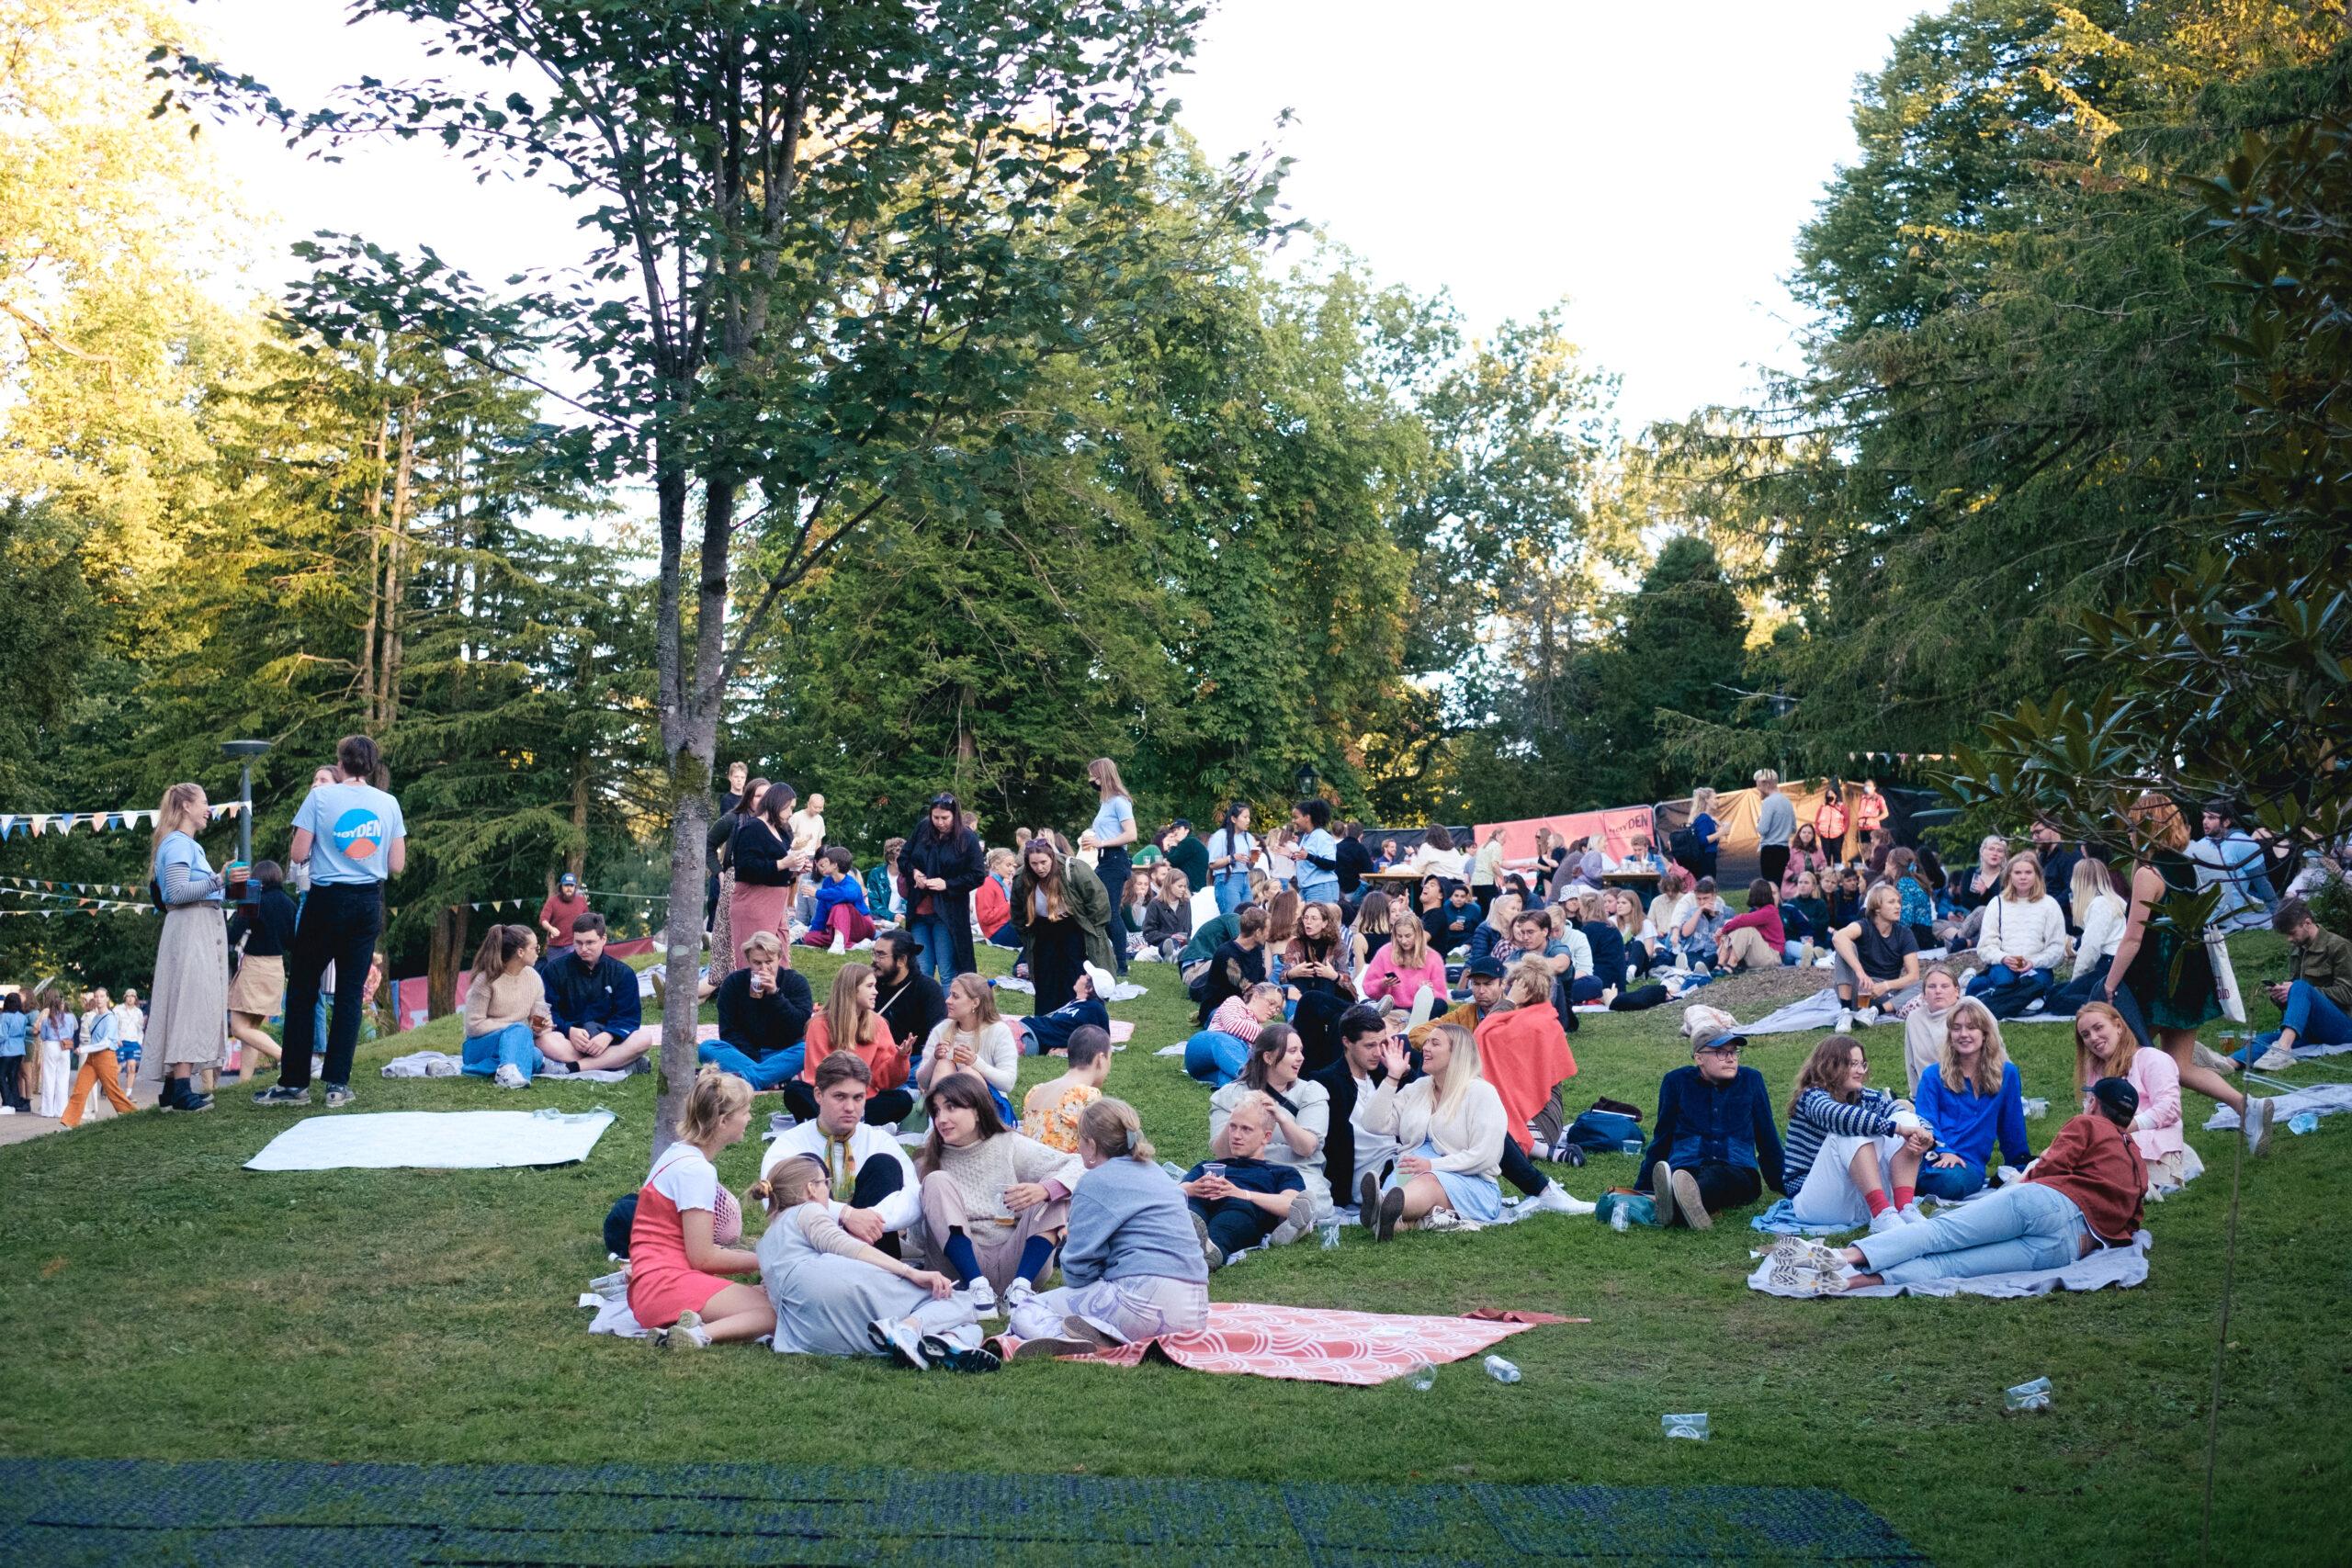 Deilige vibes under Høydenfestivalen. Foto: Truls Lerø